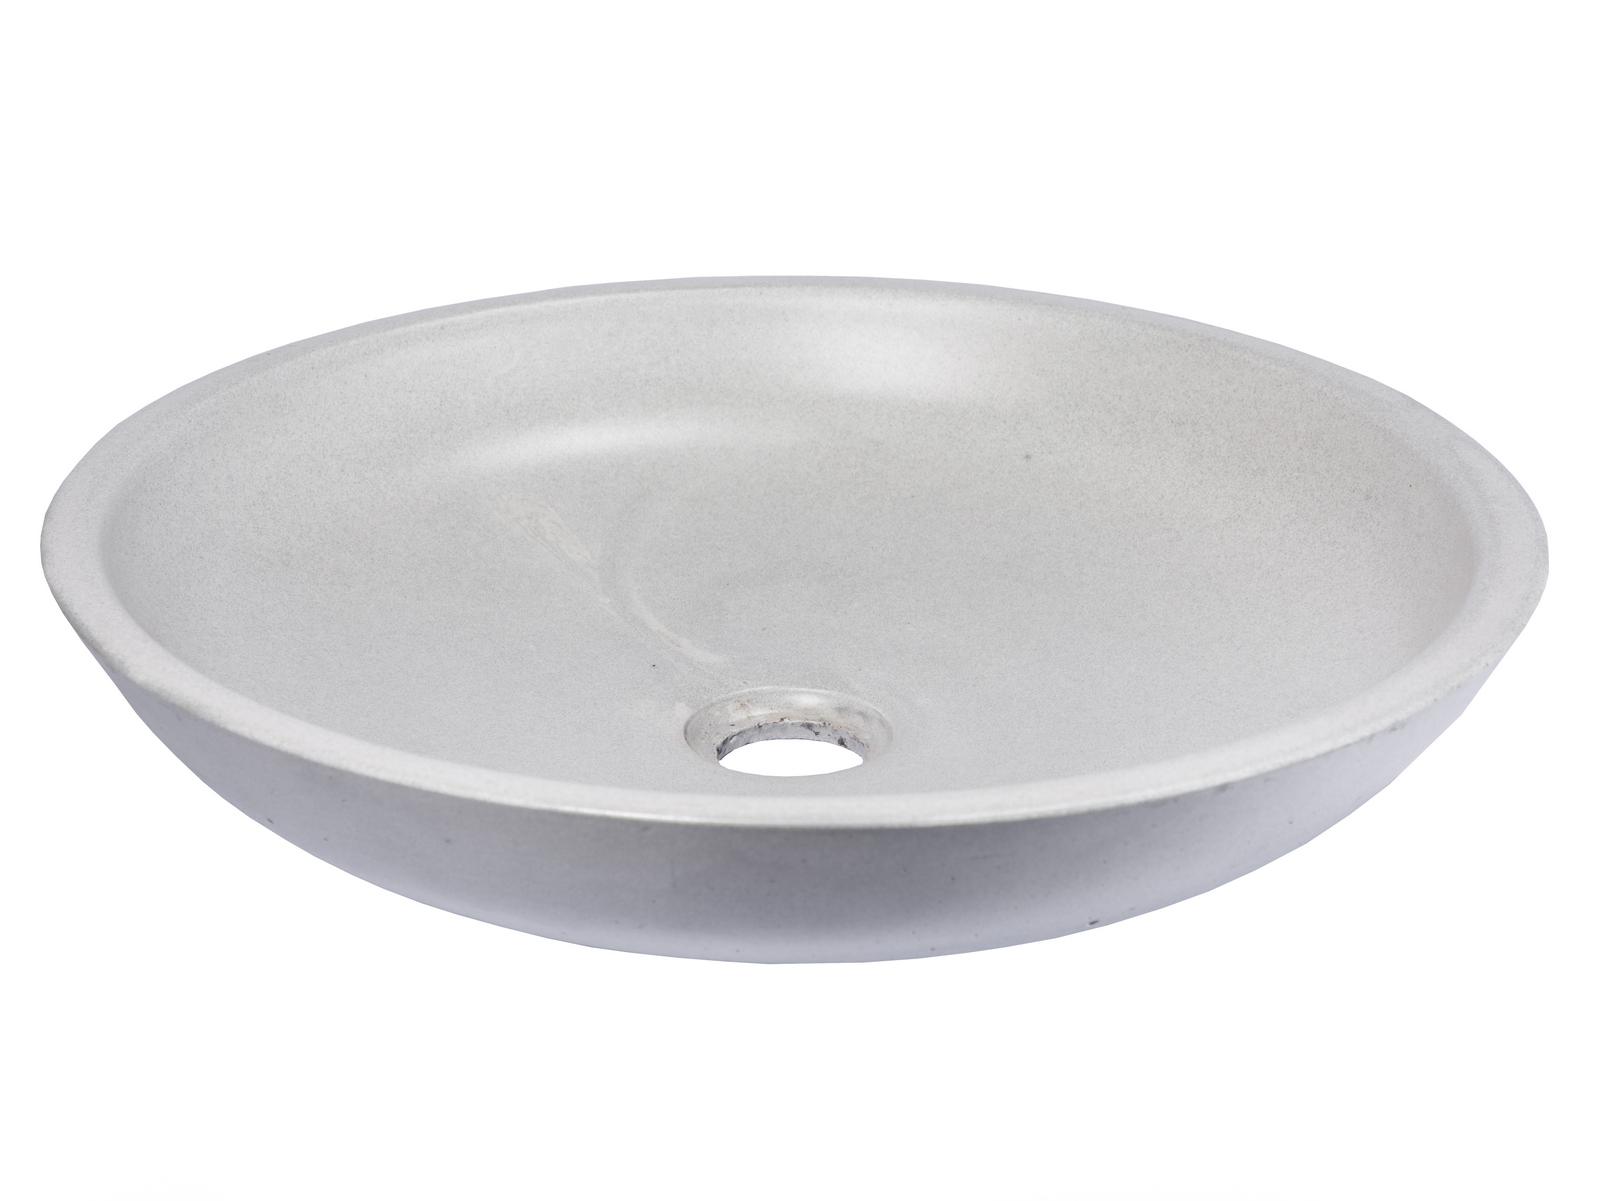 Eden Bath 16 In Concrete Shallow Round Vessel Sink Light